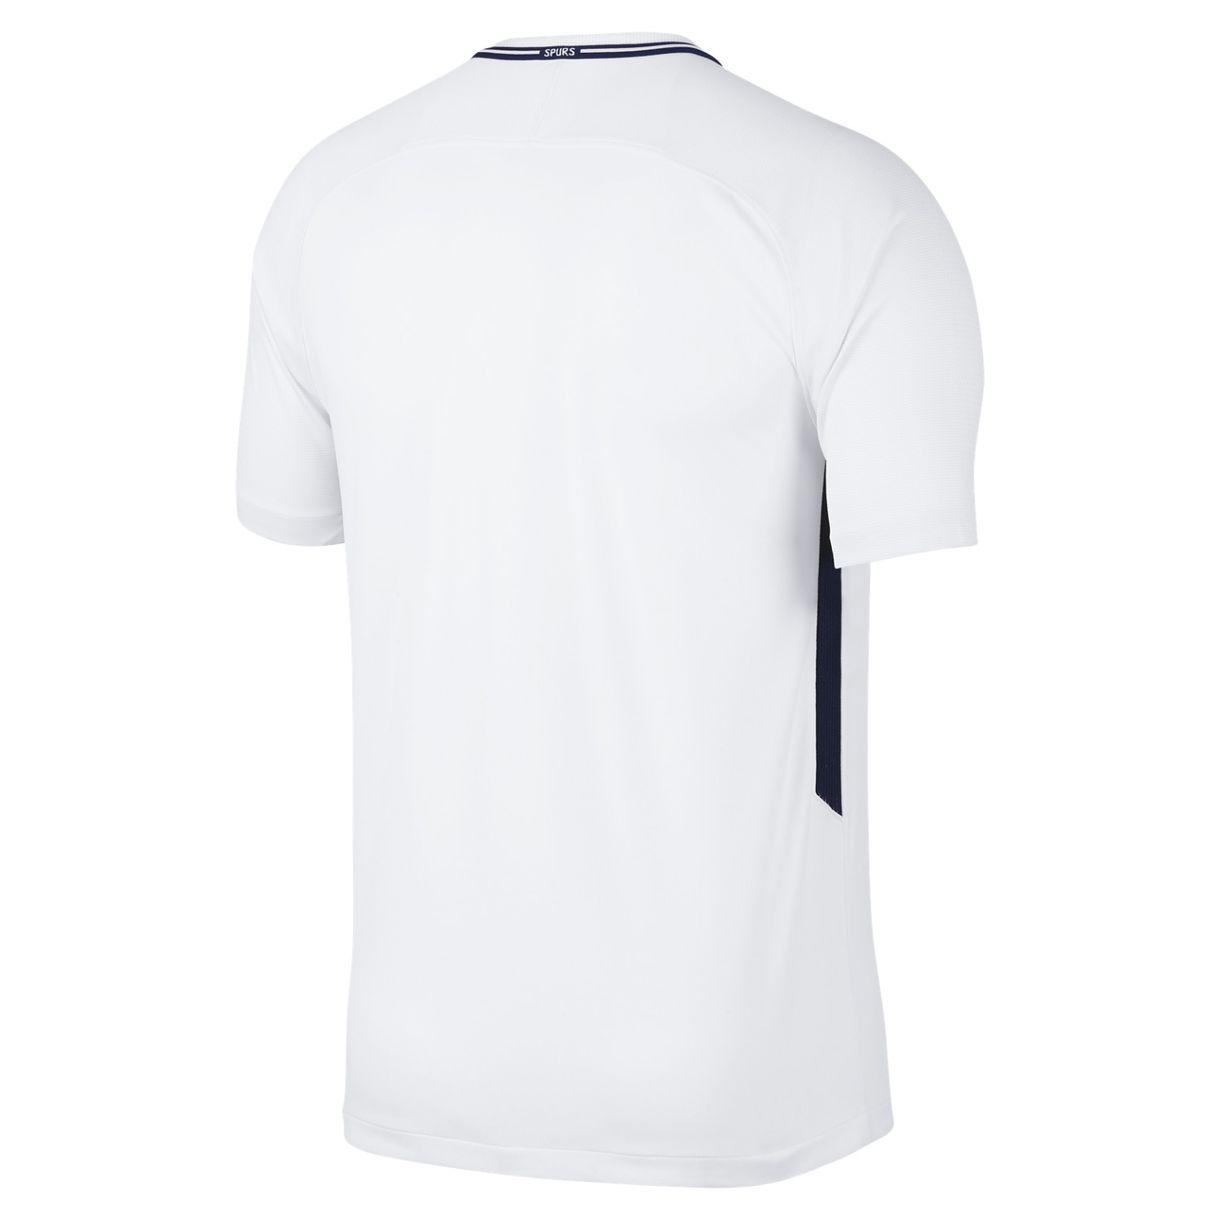 Tottenham trøje 2017-18 bagside